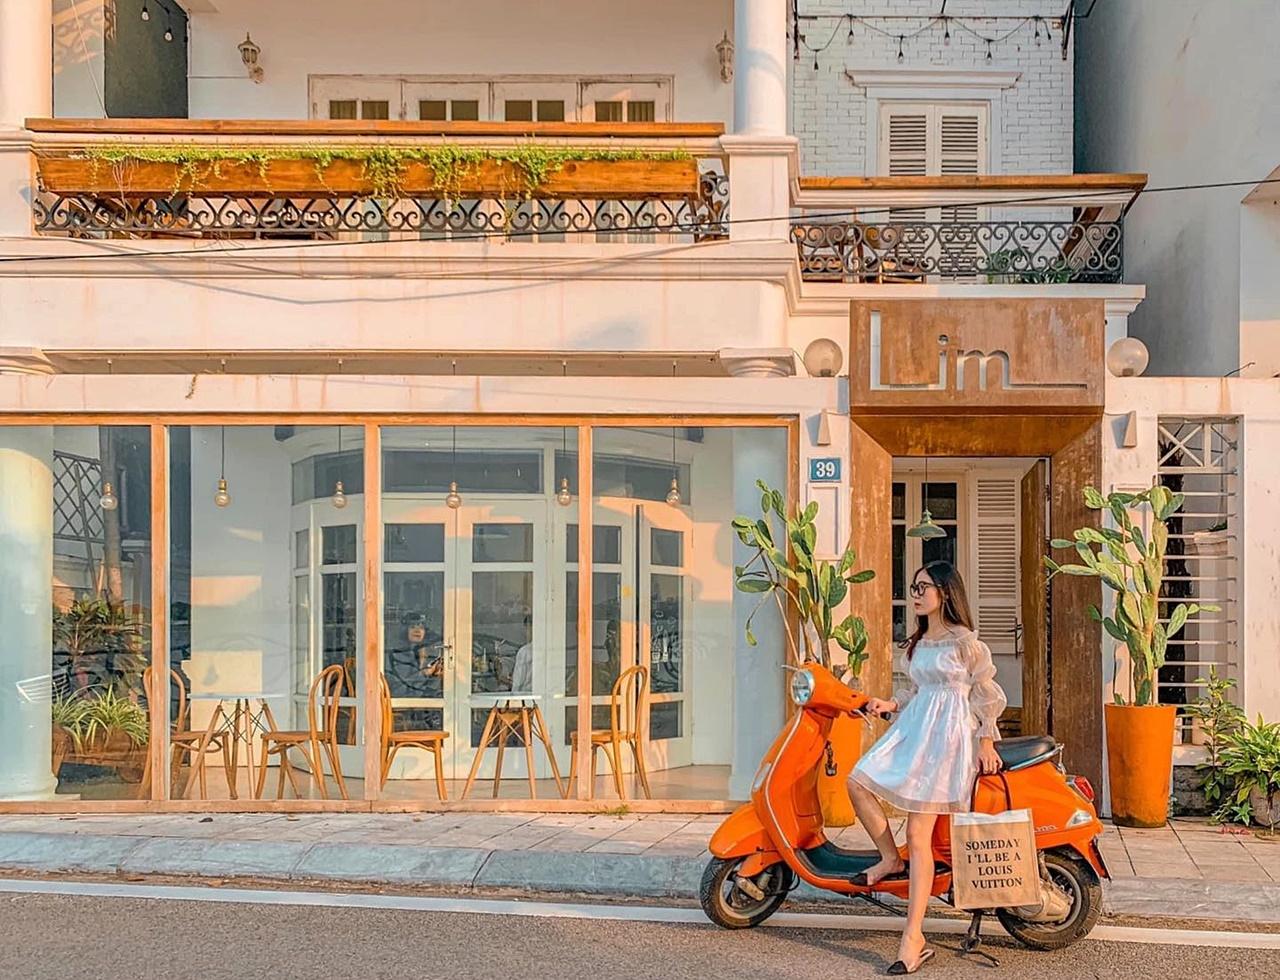 """5 quán cafe view ngay bờ hồ Tây siêu đẹp dành cho chị em đi chơi """"sống ảo"""" cuối tuần - Ảnh 6."""